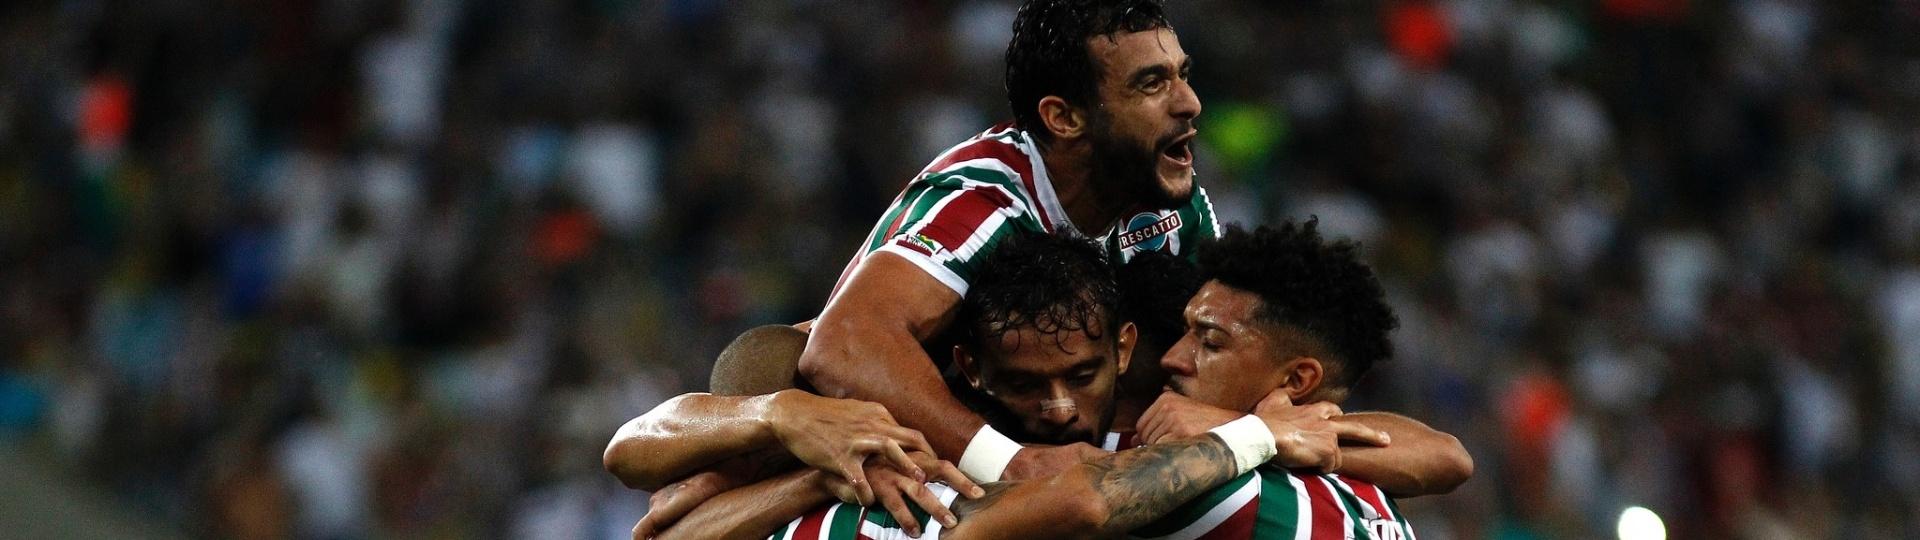 Jogadores do Fluminense comemoram gol do time contra o São Paulo